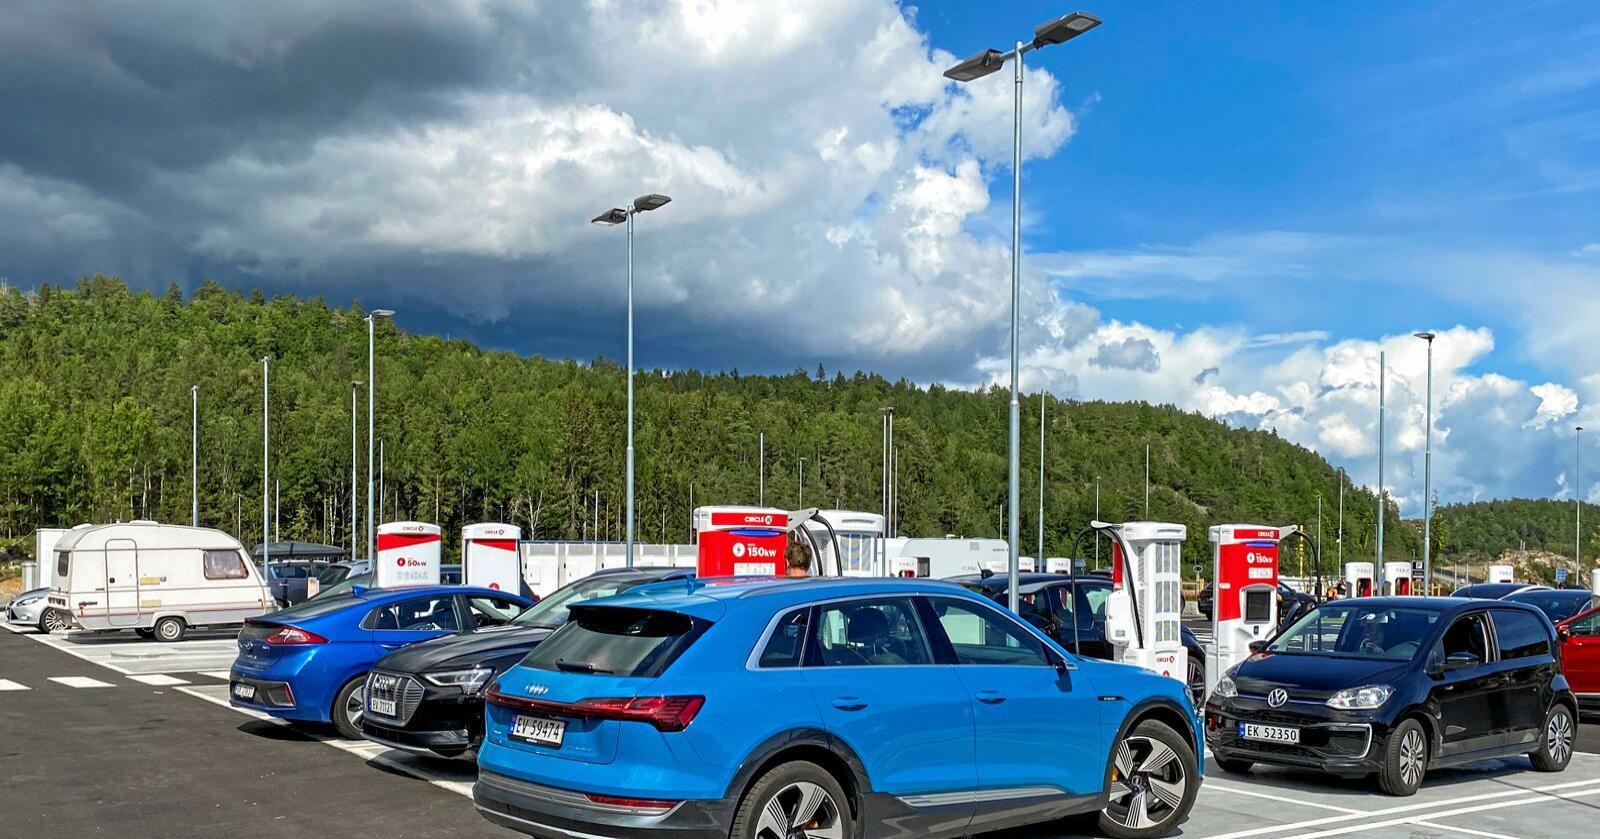 Elbiler står og lader ved ladestasjonen på Circle K Bamble i Telemark. Her er elbilandelen bare 3 prosent, ifølge Norges Bilbransjeforbund. Foto: Christina Dorthellinger / NTB